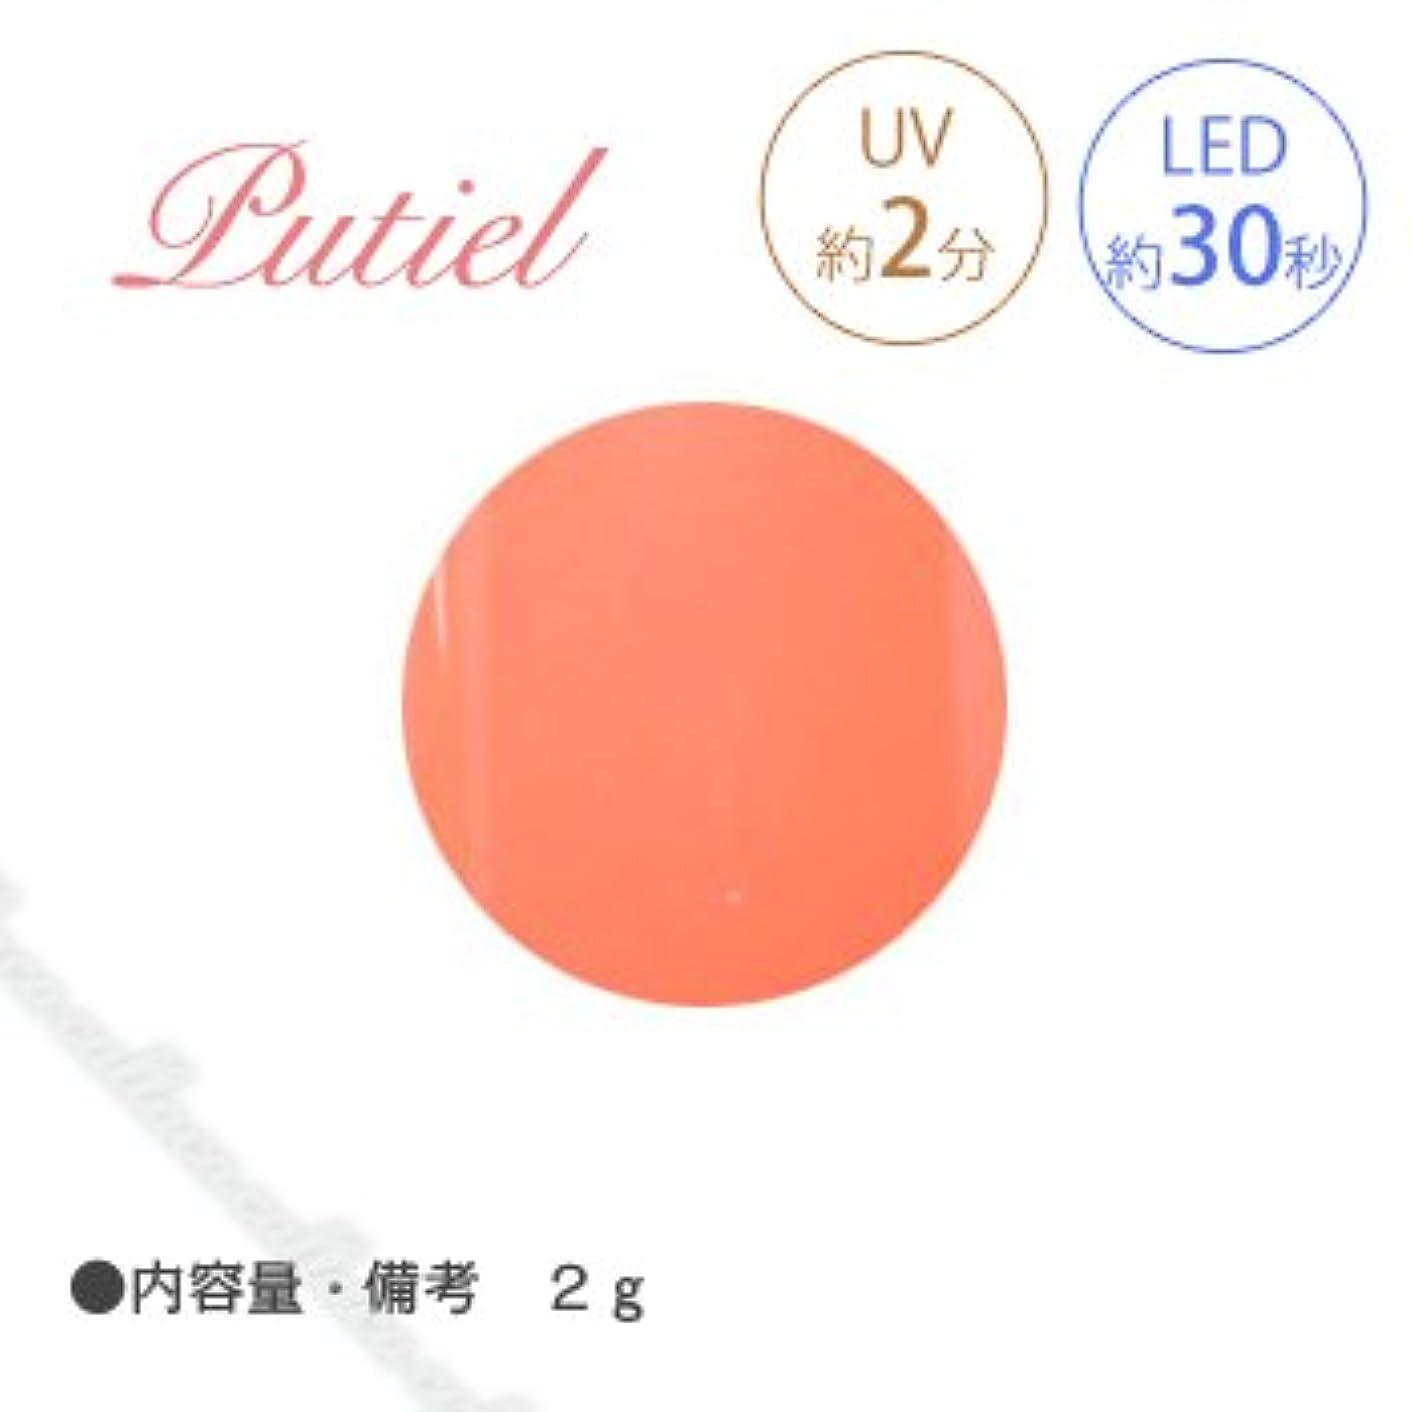 排気狂ったスーダンPutiel プティール カラージェル 107 ビタミンオレンジ 2g